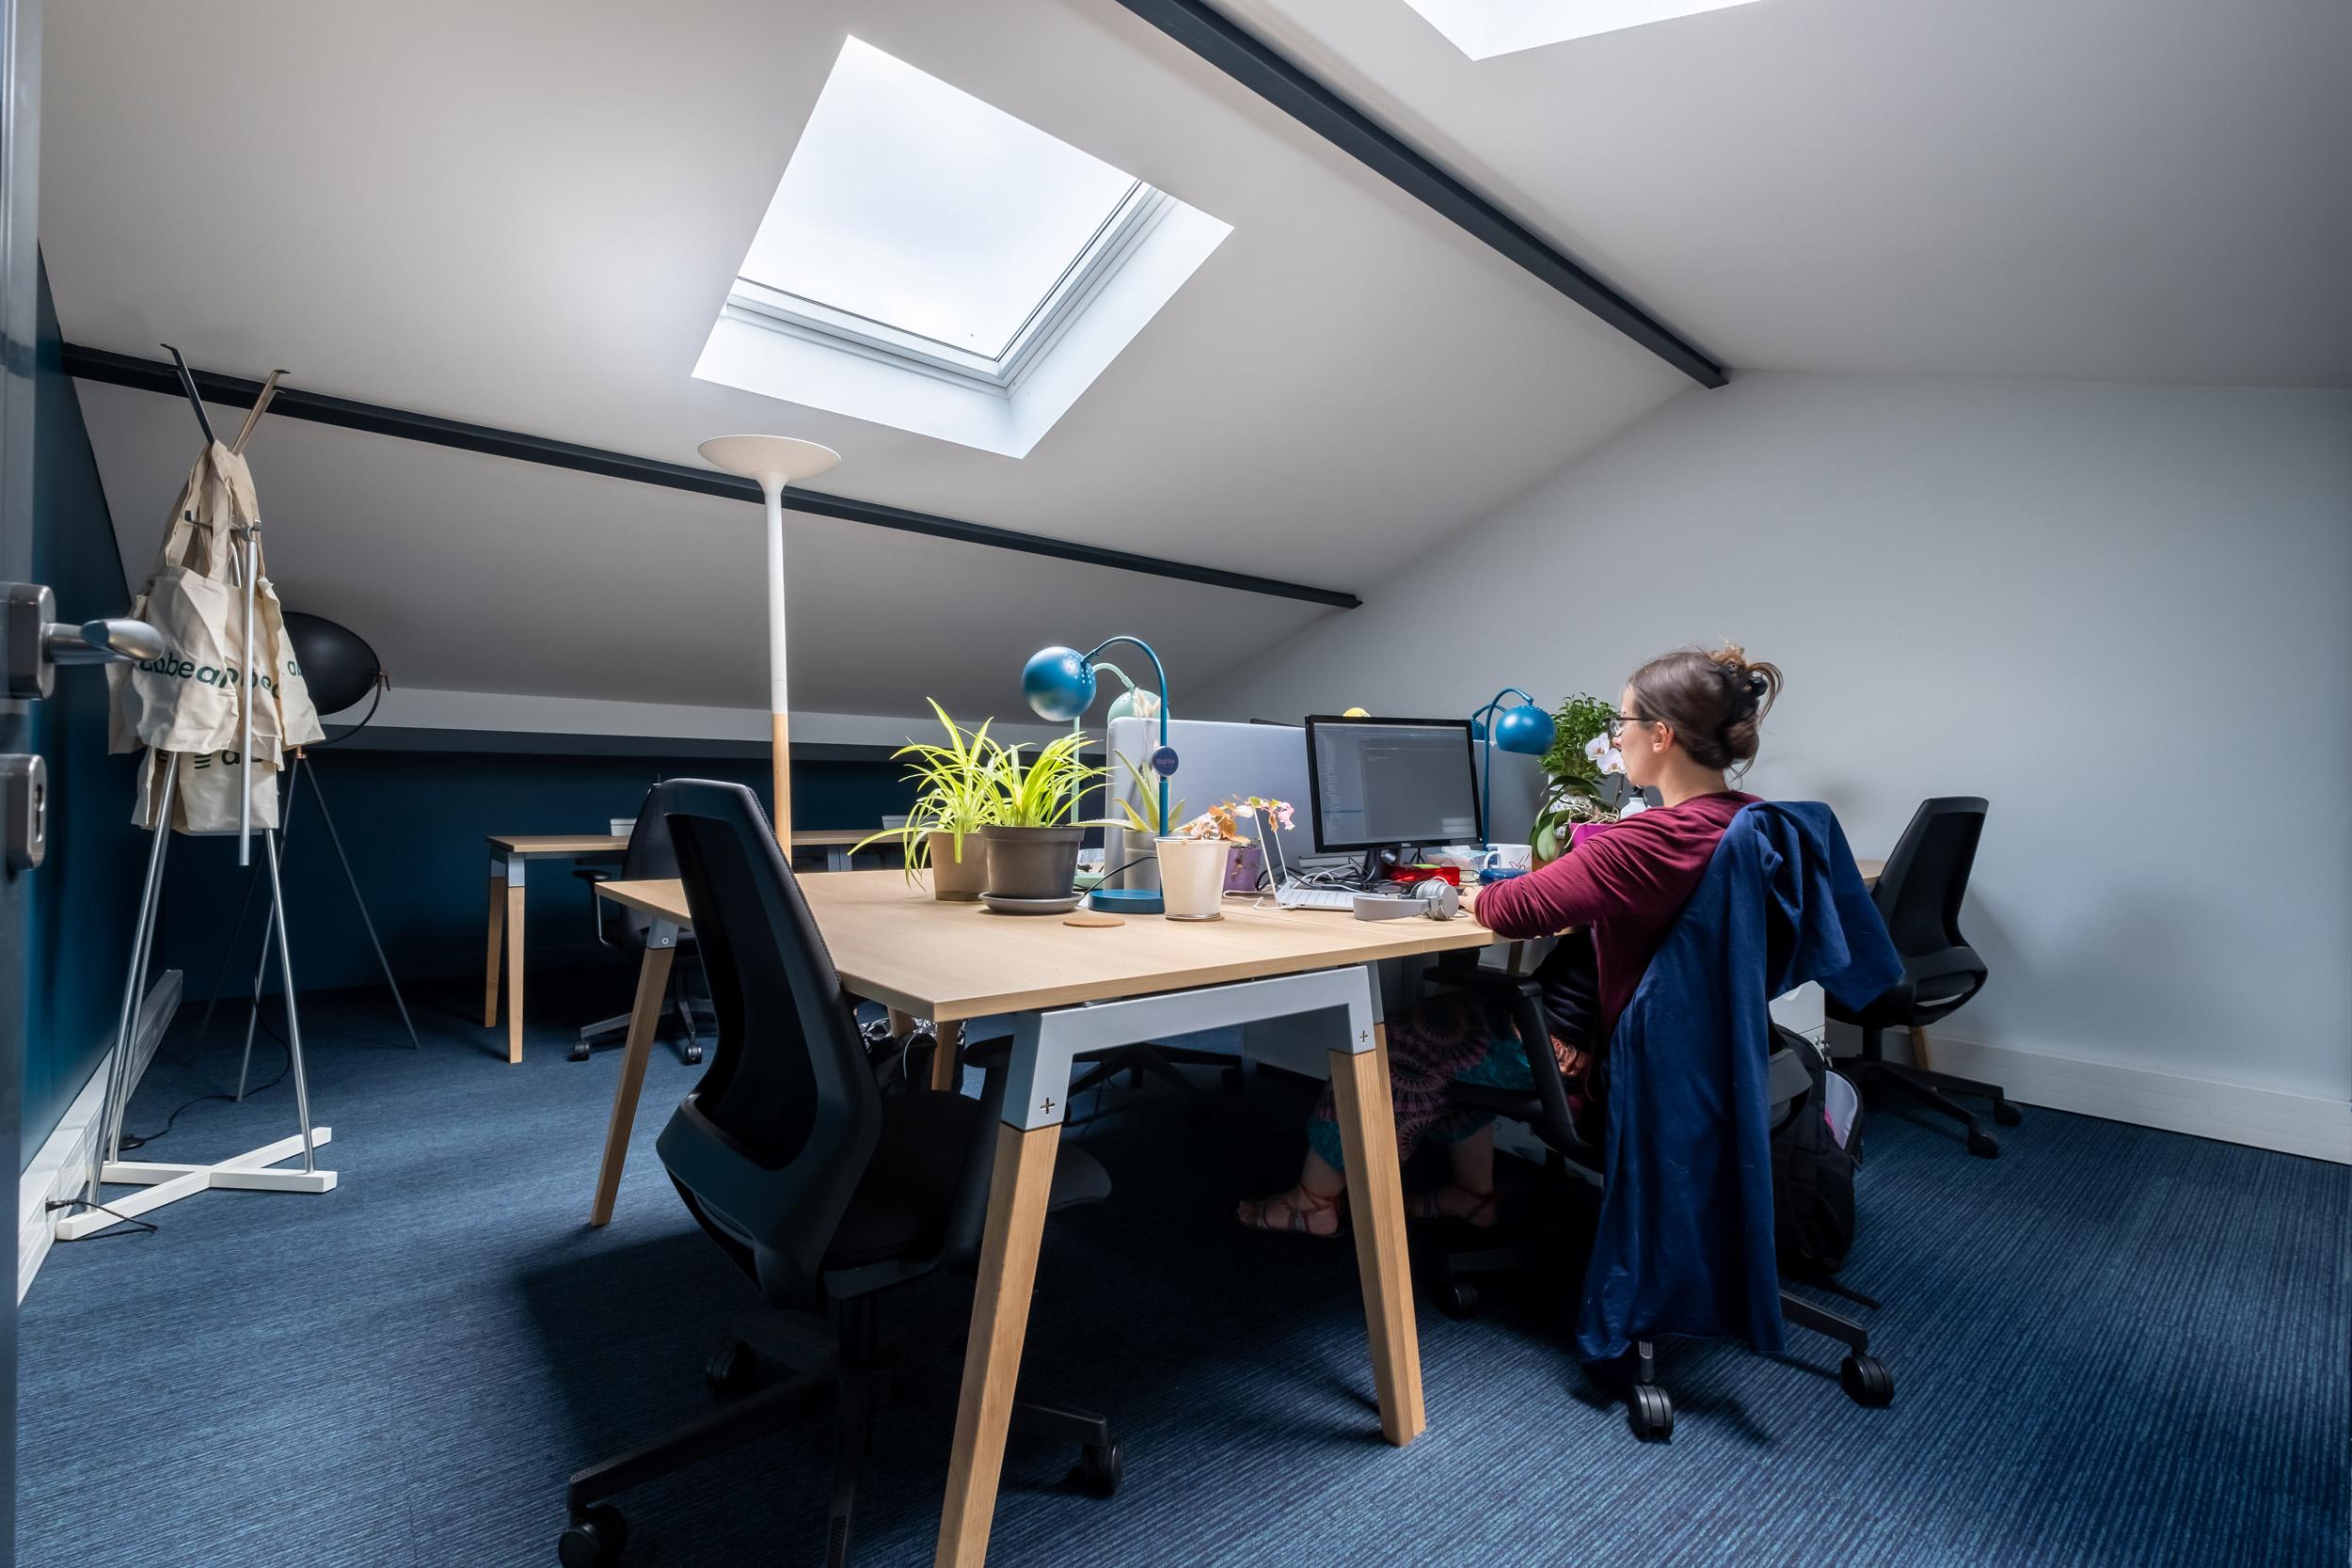 bureau privatisé abbeal chez coworking bigfive